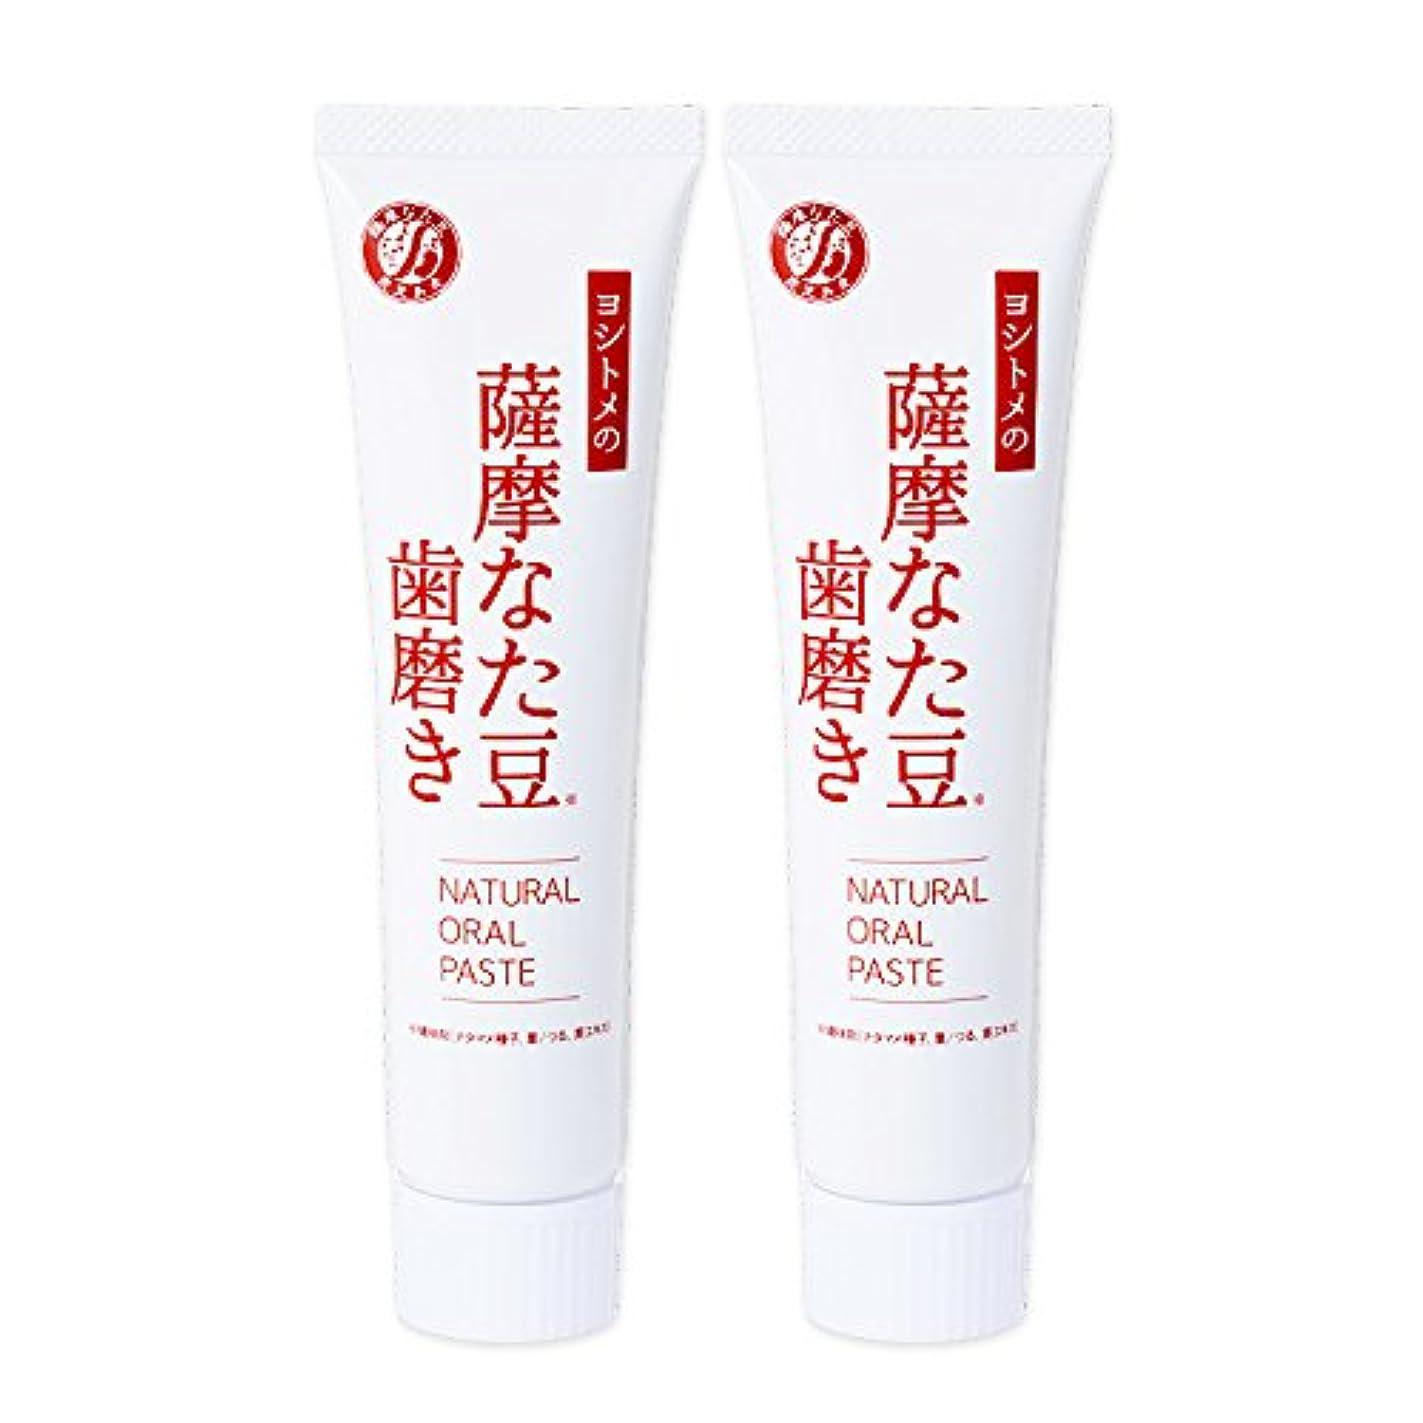 どれショッピングセンターヘロインヨシトメの薩摩なた豆歯磨き [110g]白箱◆2個セット